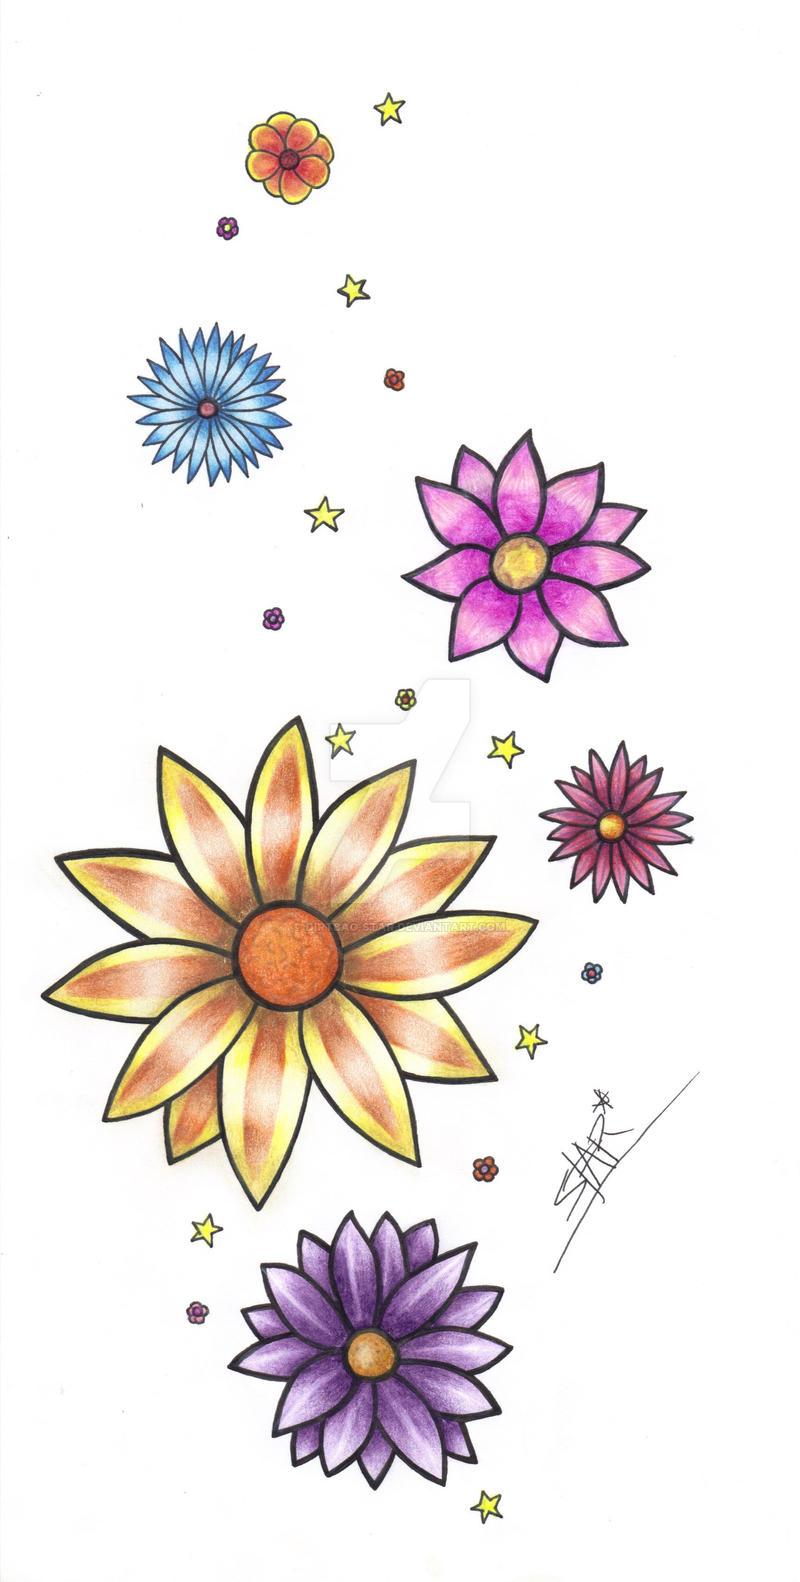 flower tattoo design by dirtbag star on deviantart. Black Bedroom Furniture Sets. Home Design Ideas